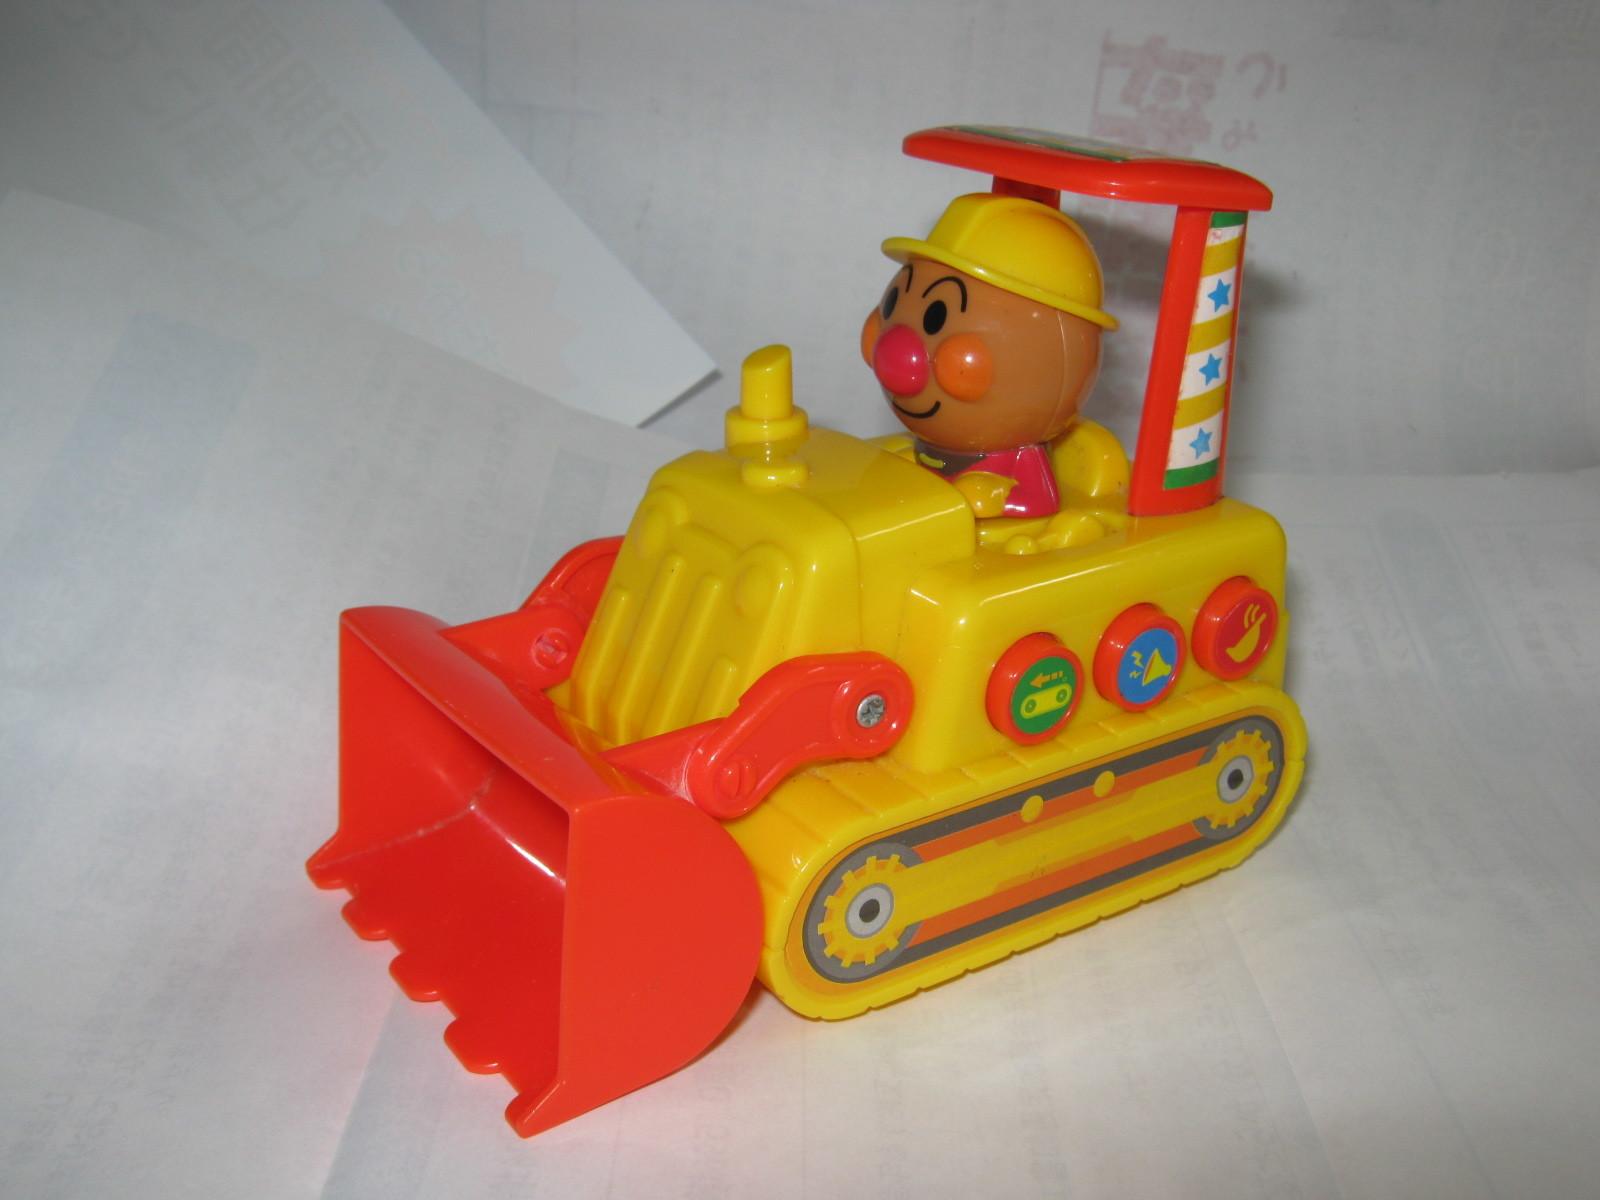 アンパンマンブルドーザ(3つボタン+車軸)